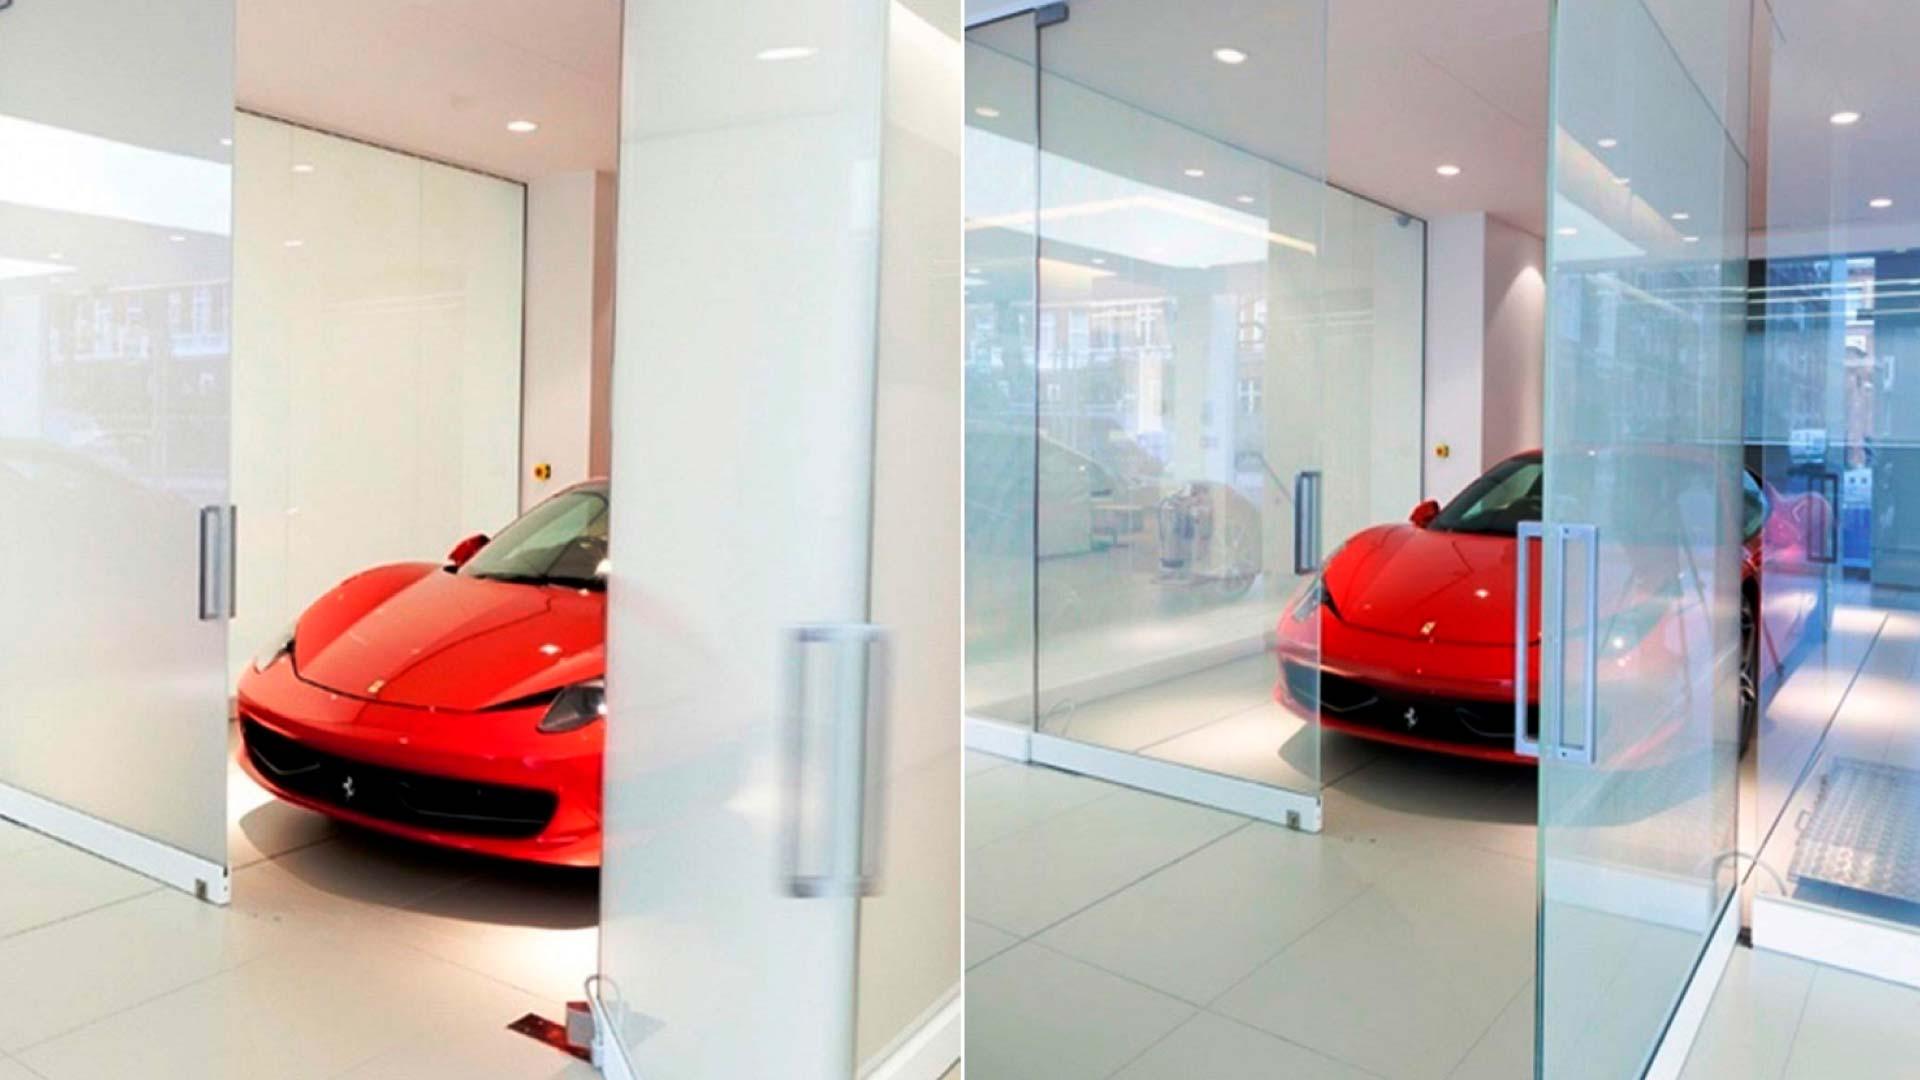 smart glass windows, smart glass walls, switchable glass, smart glass, transition glass